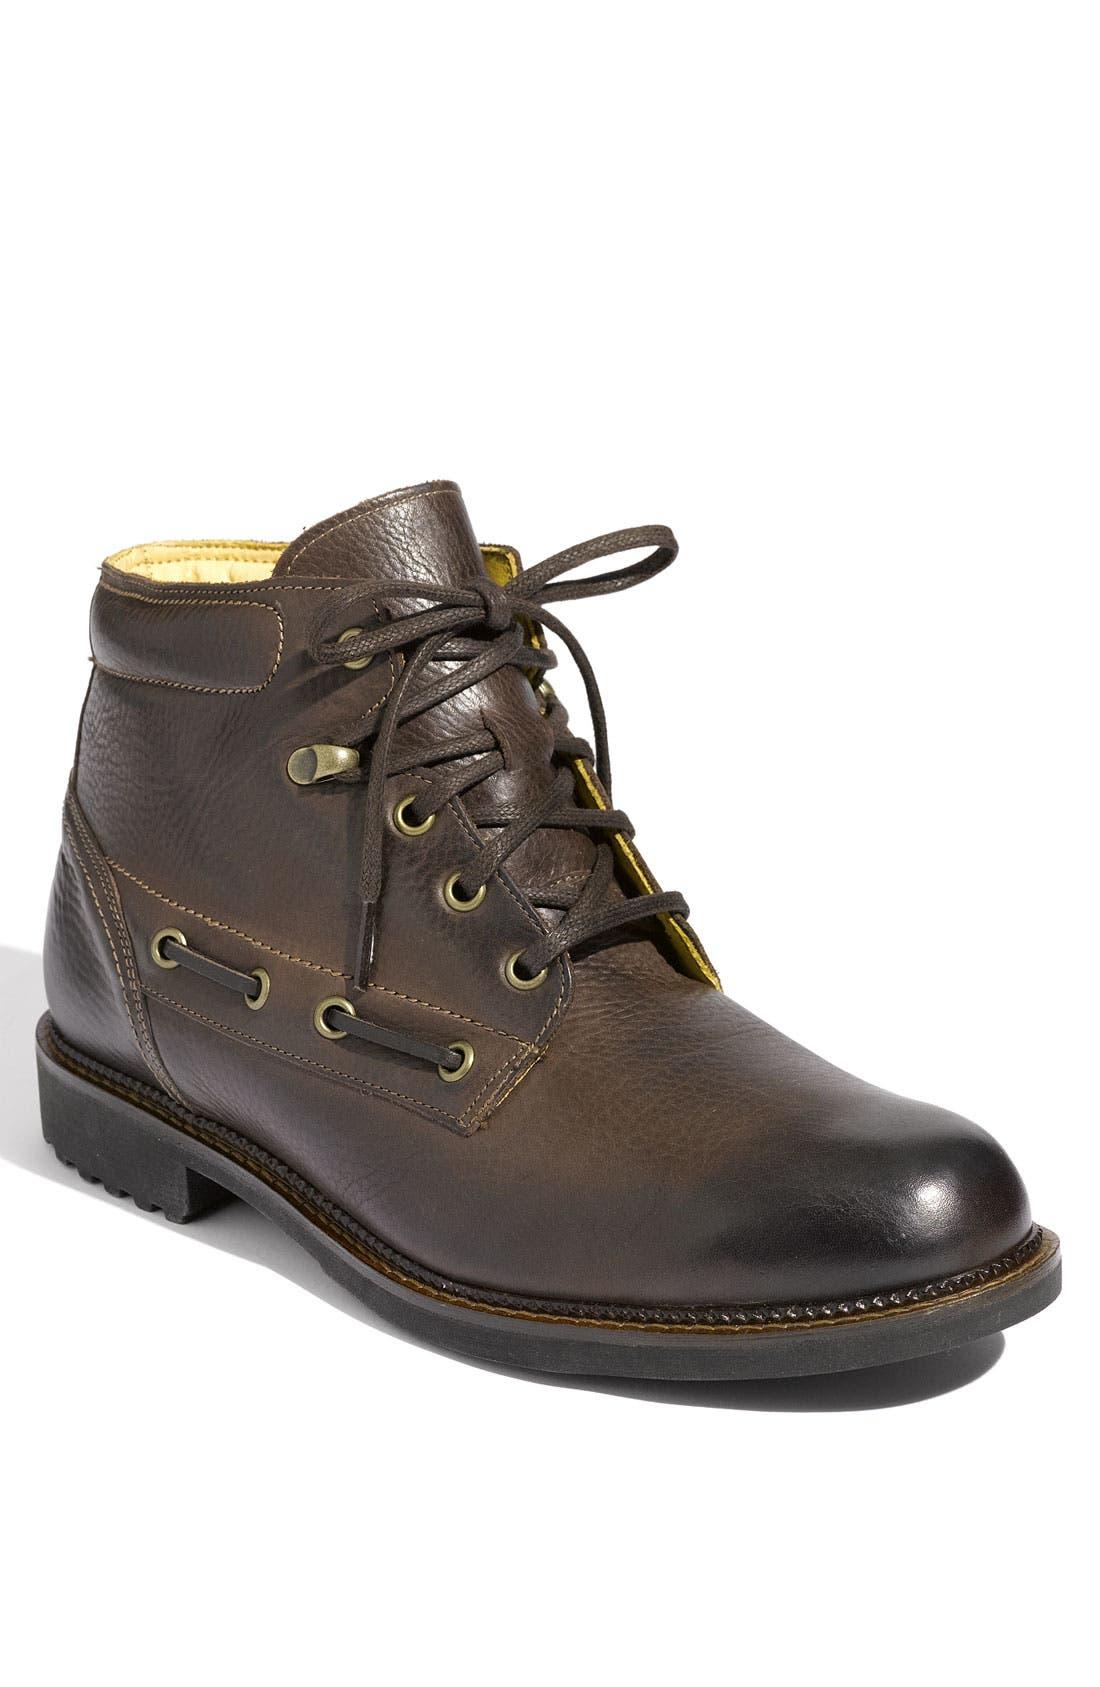 Alternate Image 1 Selected - Neil M 'Jasper' Boot (Online Only)